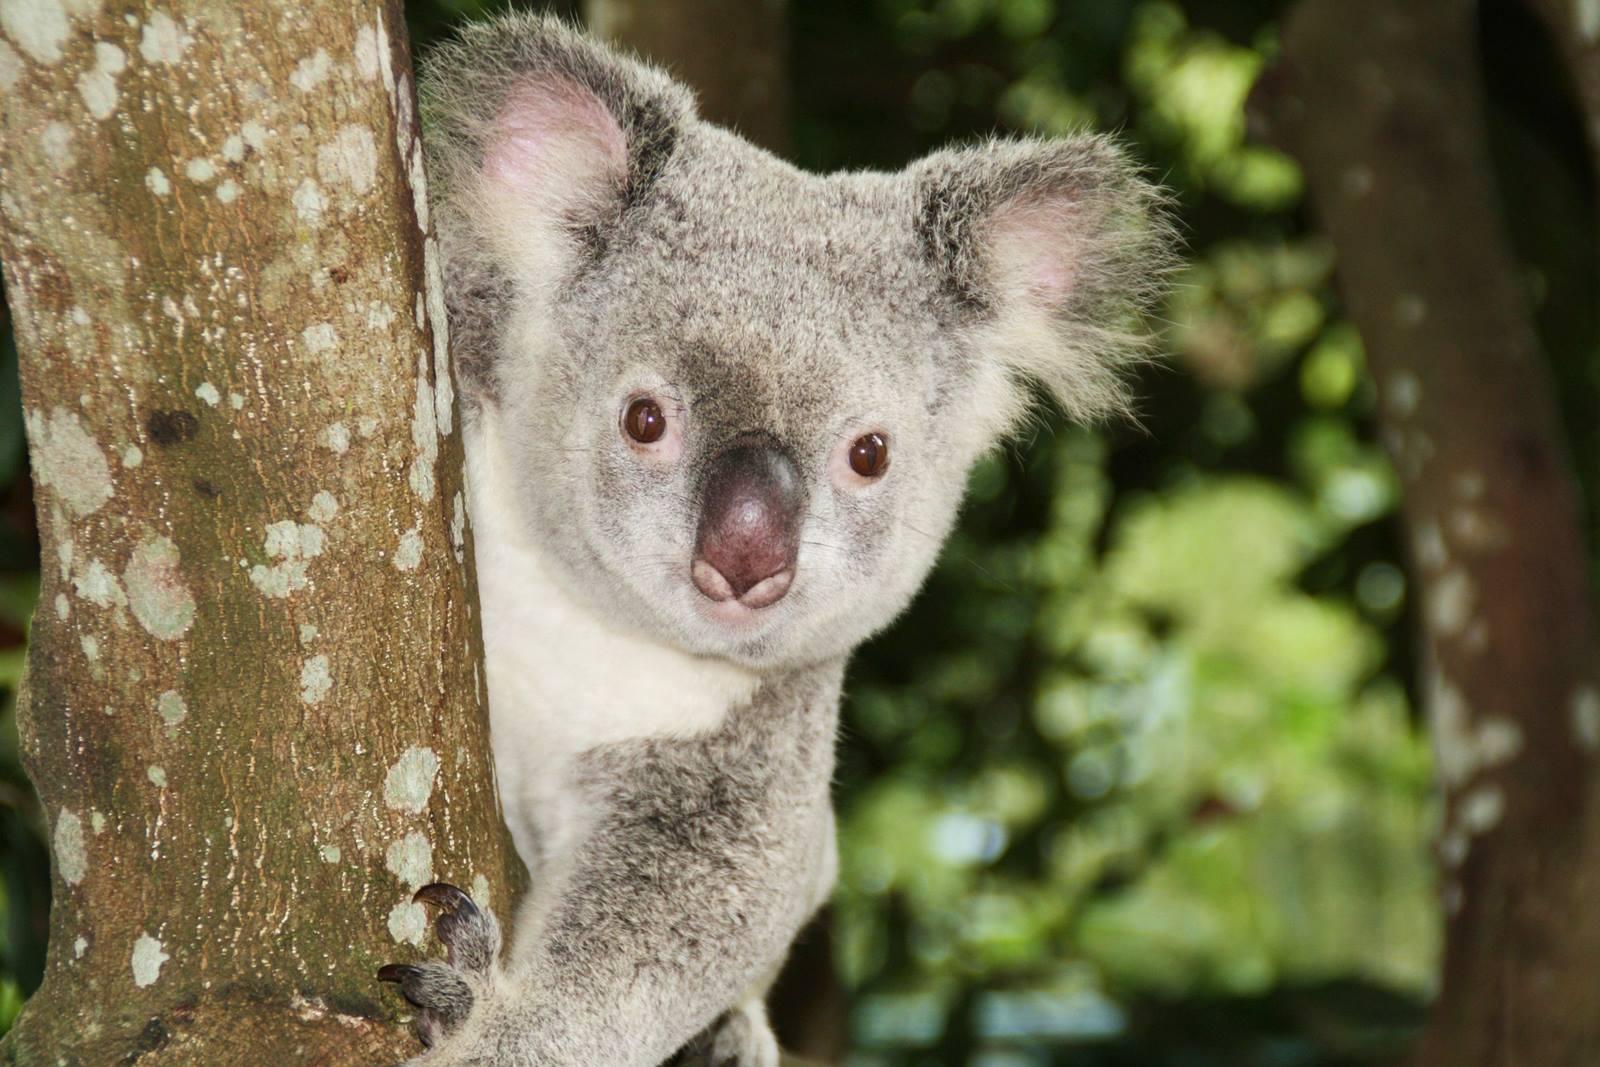 澳洲-昆士蘭-布里斯本-黃金海岸-動物園-龍柏動物園-Lone-Pine-Koala-Sanctuary-可倫賓-庫倫賓野生動物保護區-Currumbin-Wildlife-Sanctuary-澳洲動物園-推薦-必玩-必去-自由行-景點-旅遊-Australia-Zoo